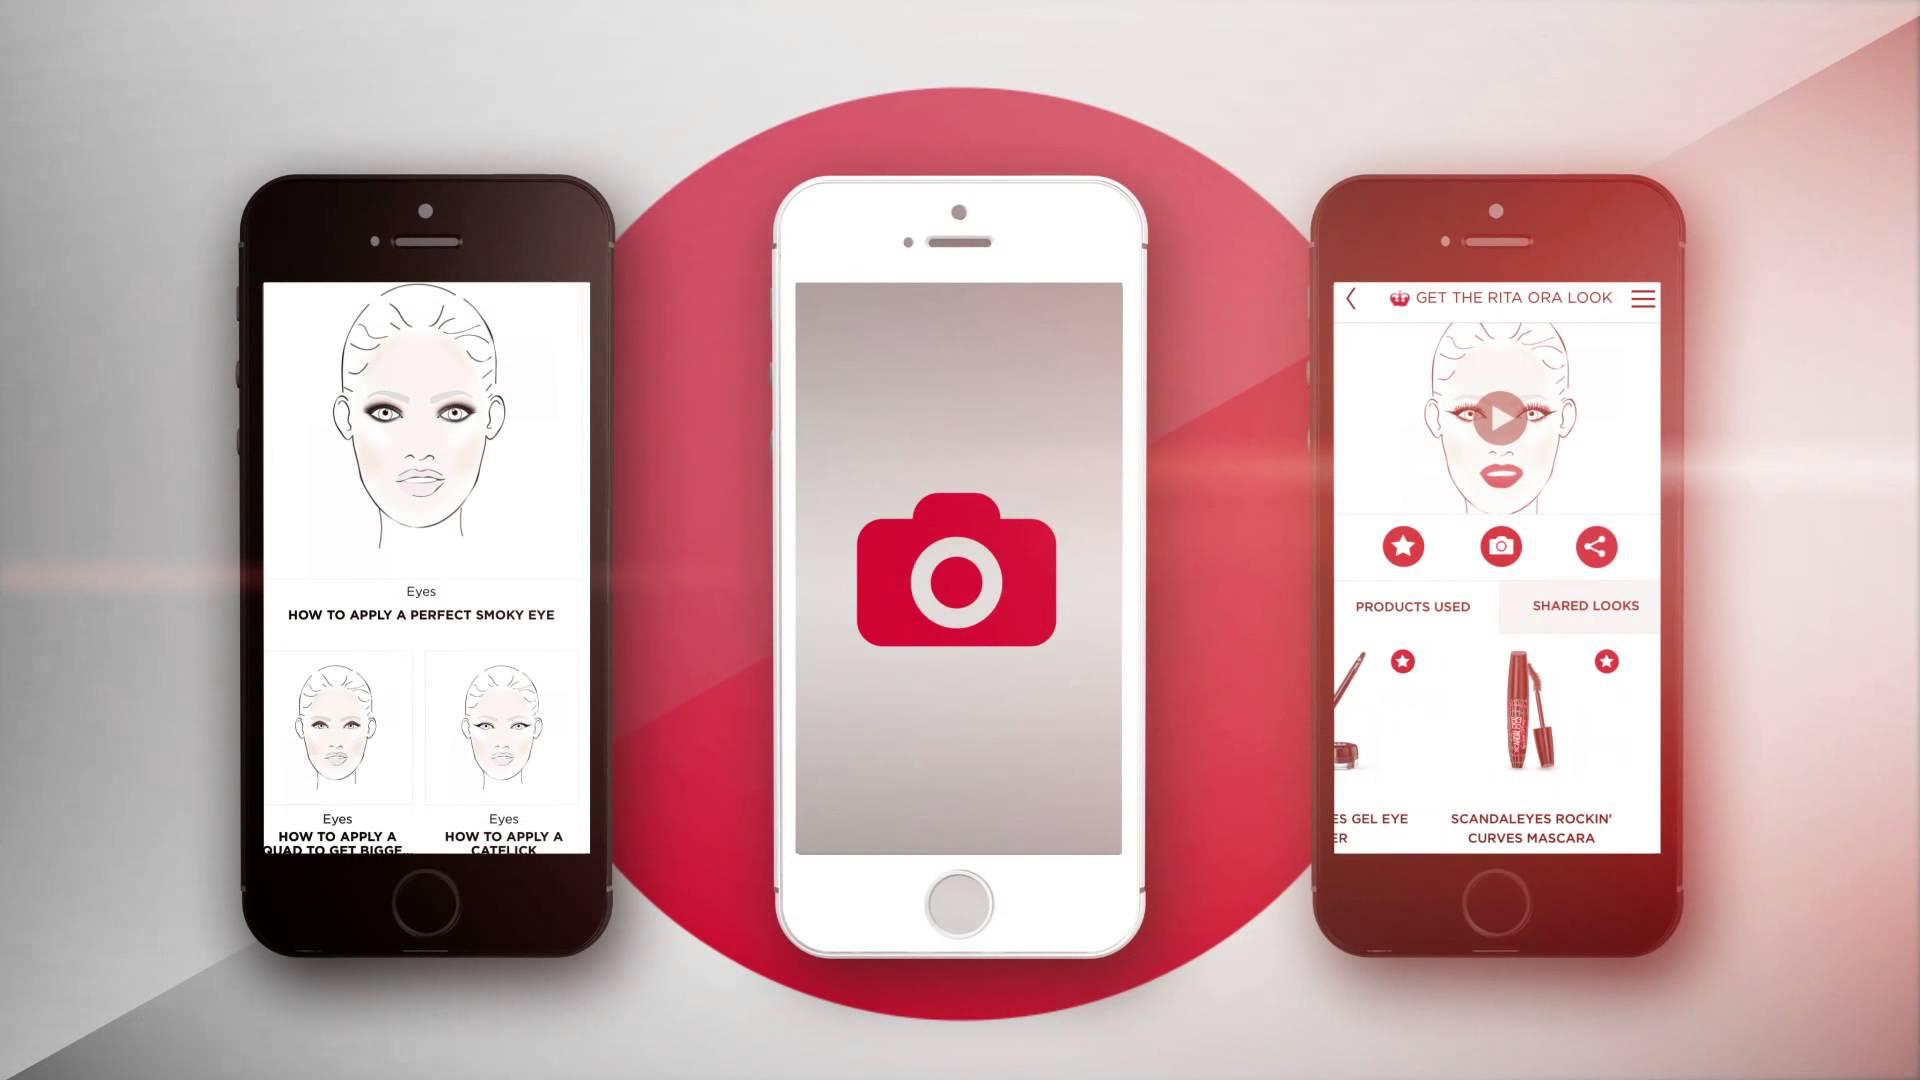 Rimmel London'dan 'Makyaj Shazam'ı' Sayılabilecek bir Uygulama: Get the Look!